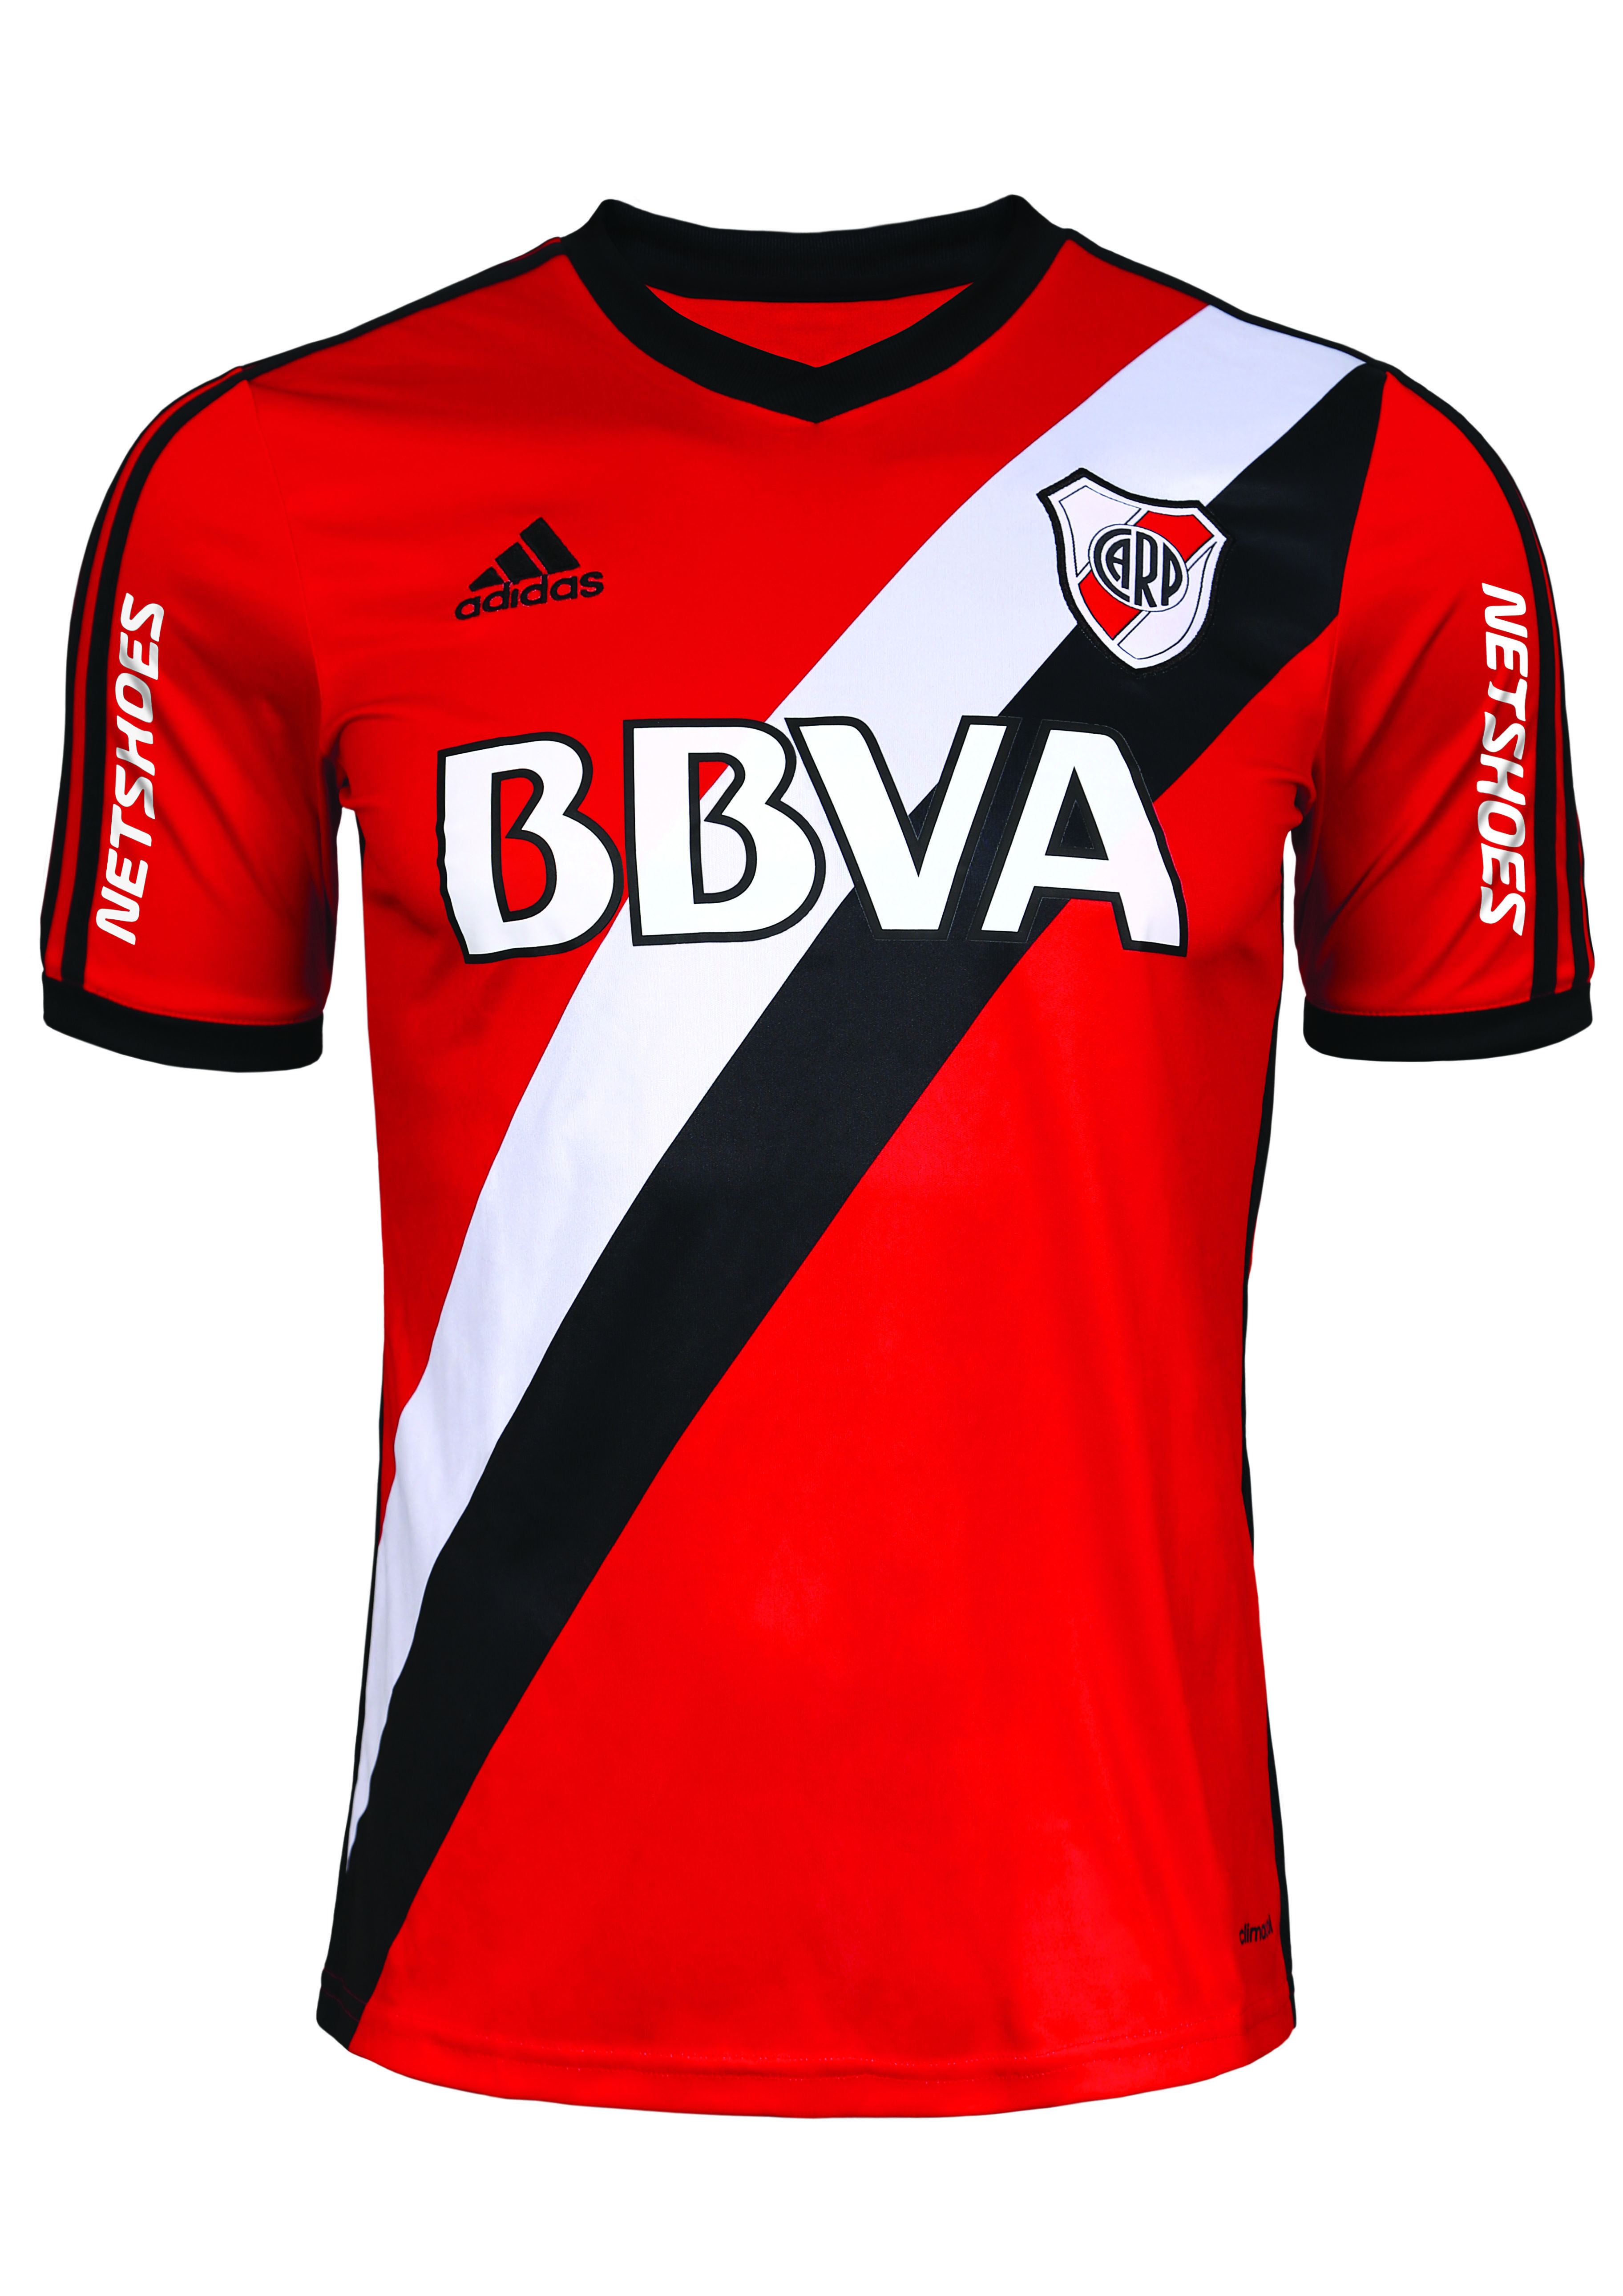 online store d06b3 687b7 adidas presenta la camiseta alternativa que el Club Atlético River Plate  estrenará el próximo domingo 16 de noviembre en el partido que enfrentará a  Olimpo.